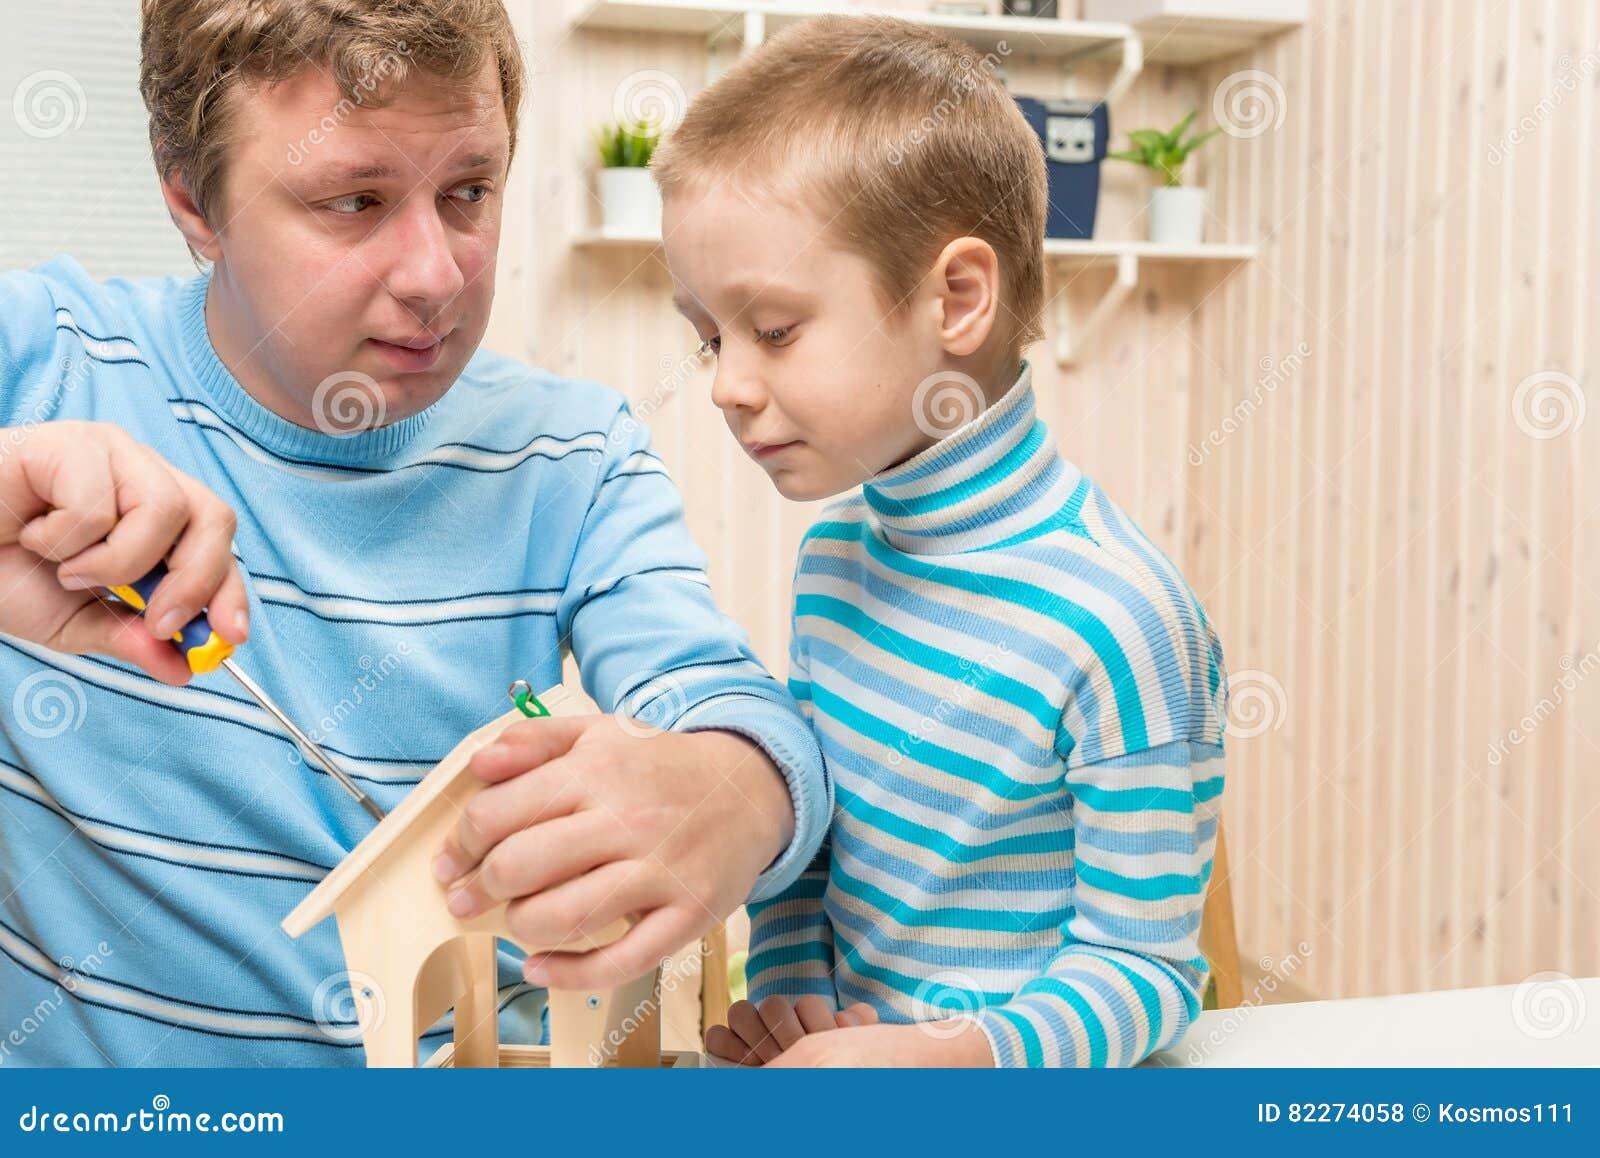 Synów spojrzenia jak potrzeba dociska śruby